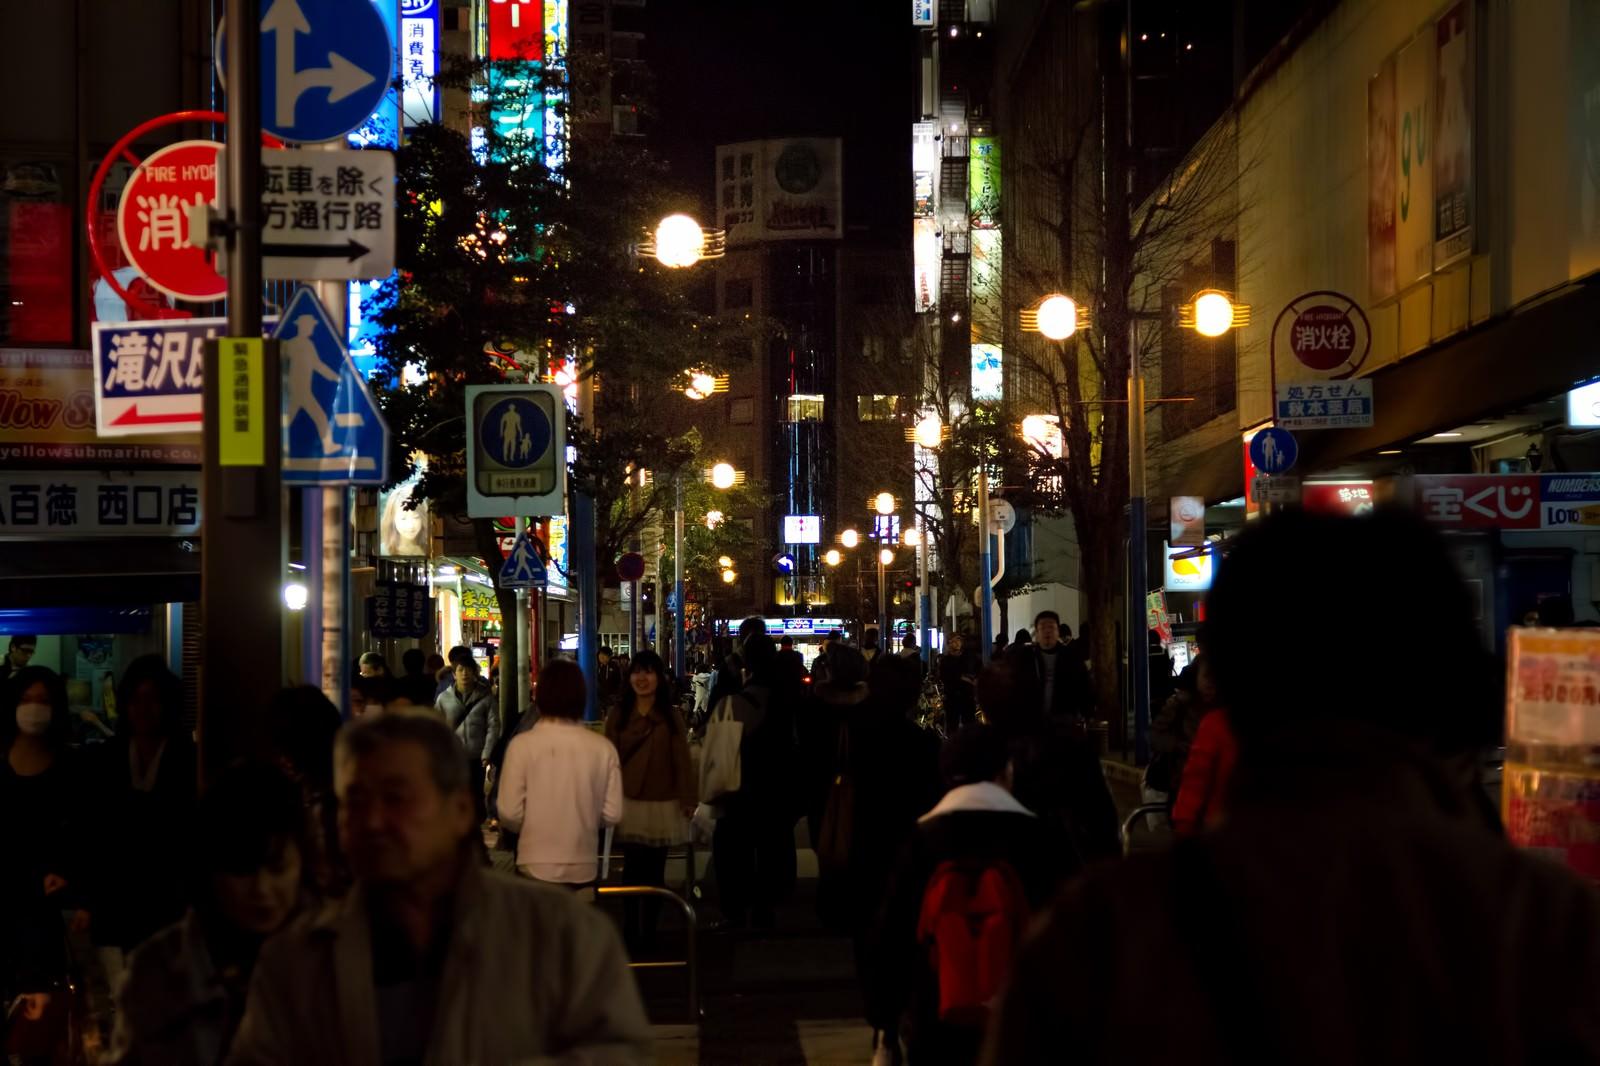 「夜の横浜の繁華街 | 写真の無料素材・フリー素材 - ぱくたそ」の写真